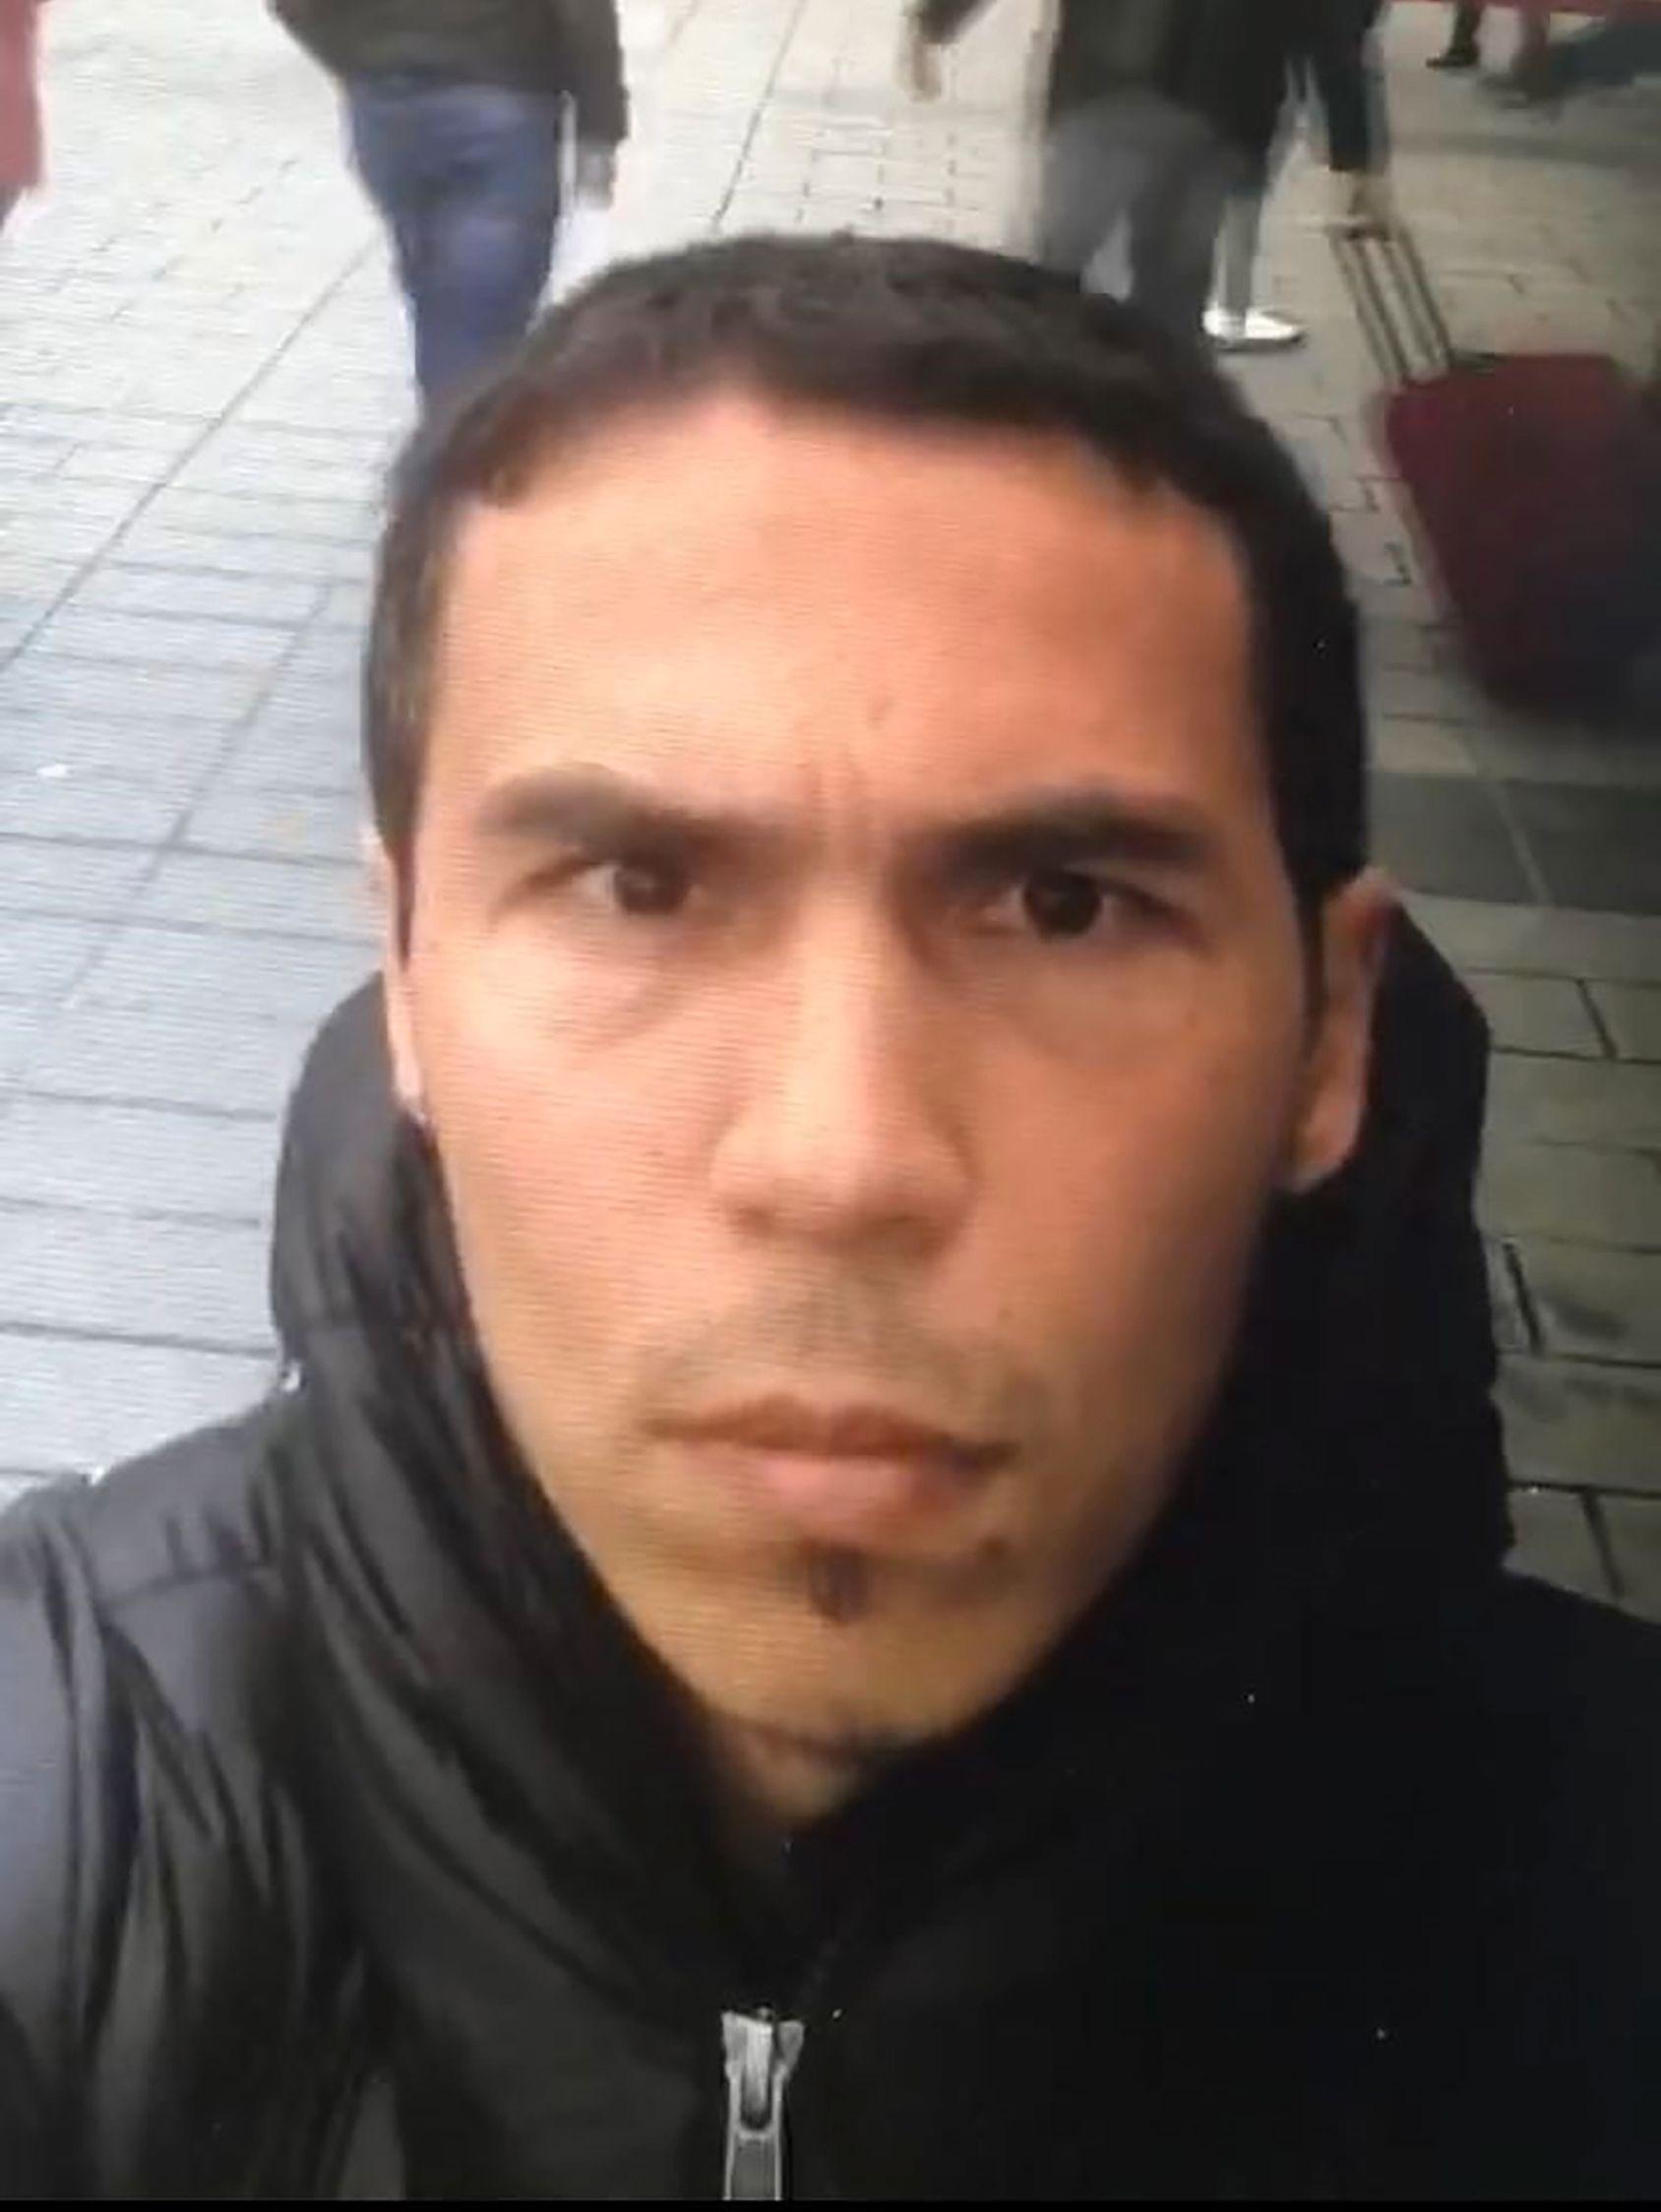 MISTENKT: Nytt bilde av den mistenkte gjerningsmannen lagt ut av Tyrkisk politi mandag.